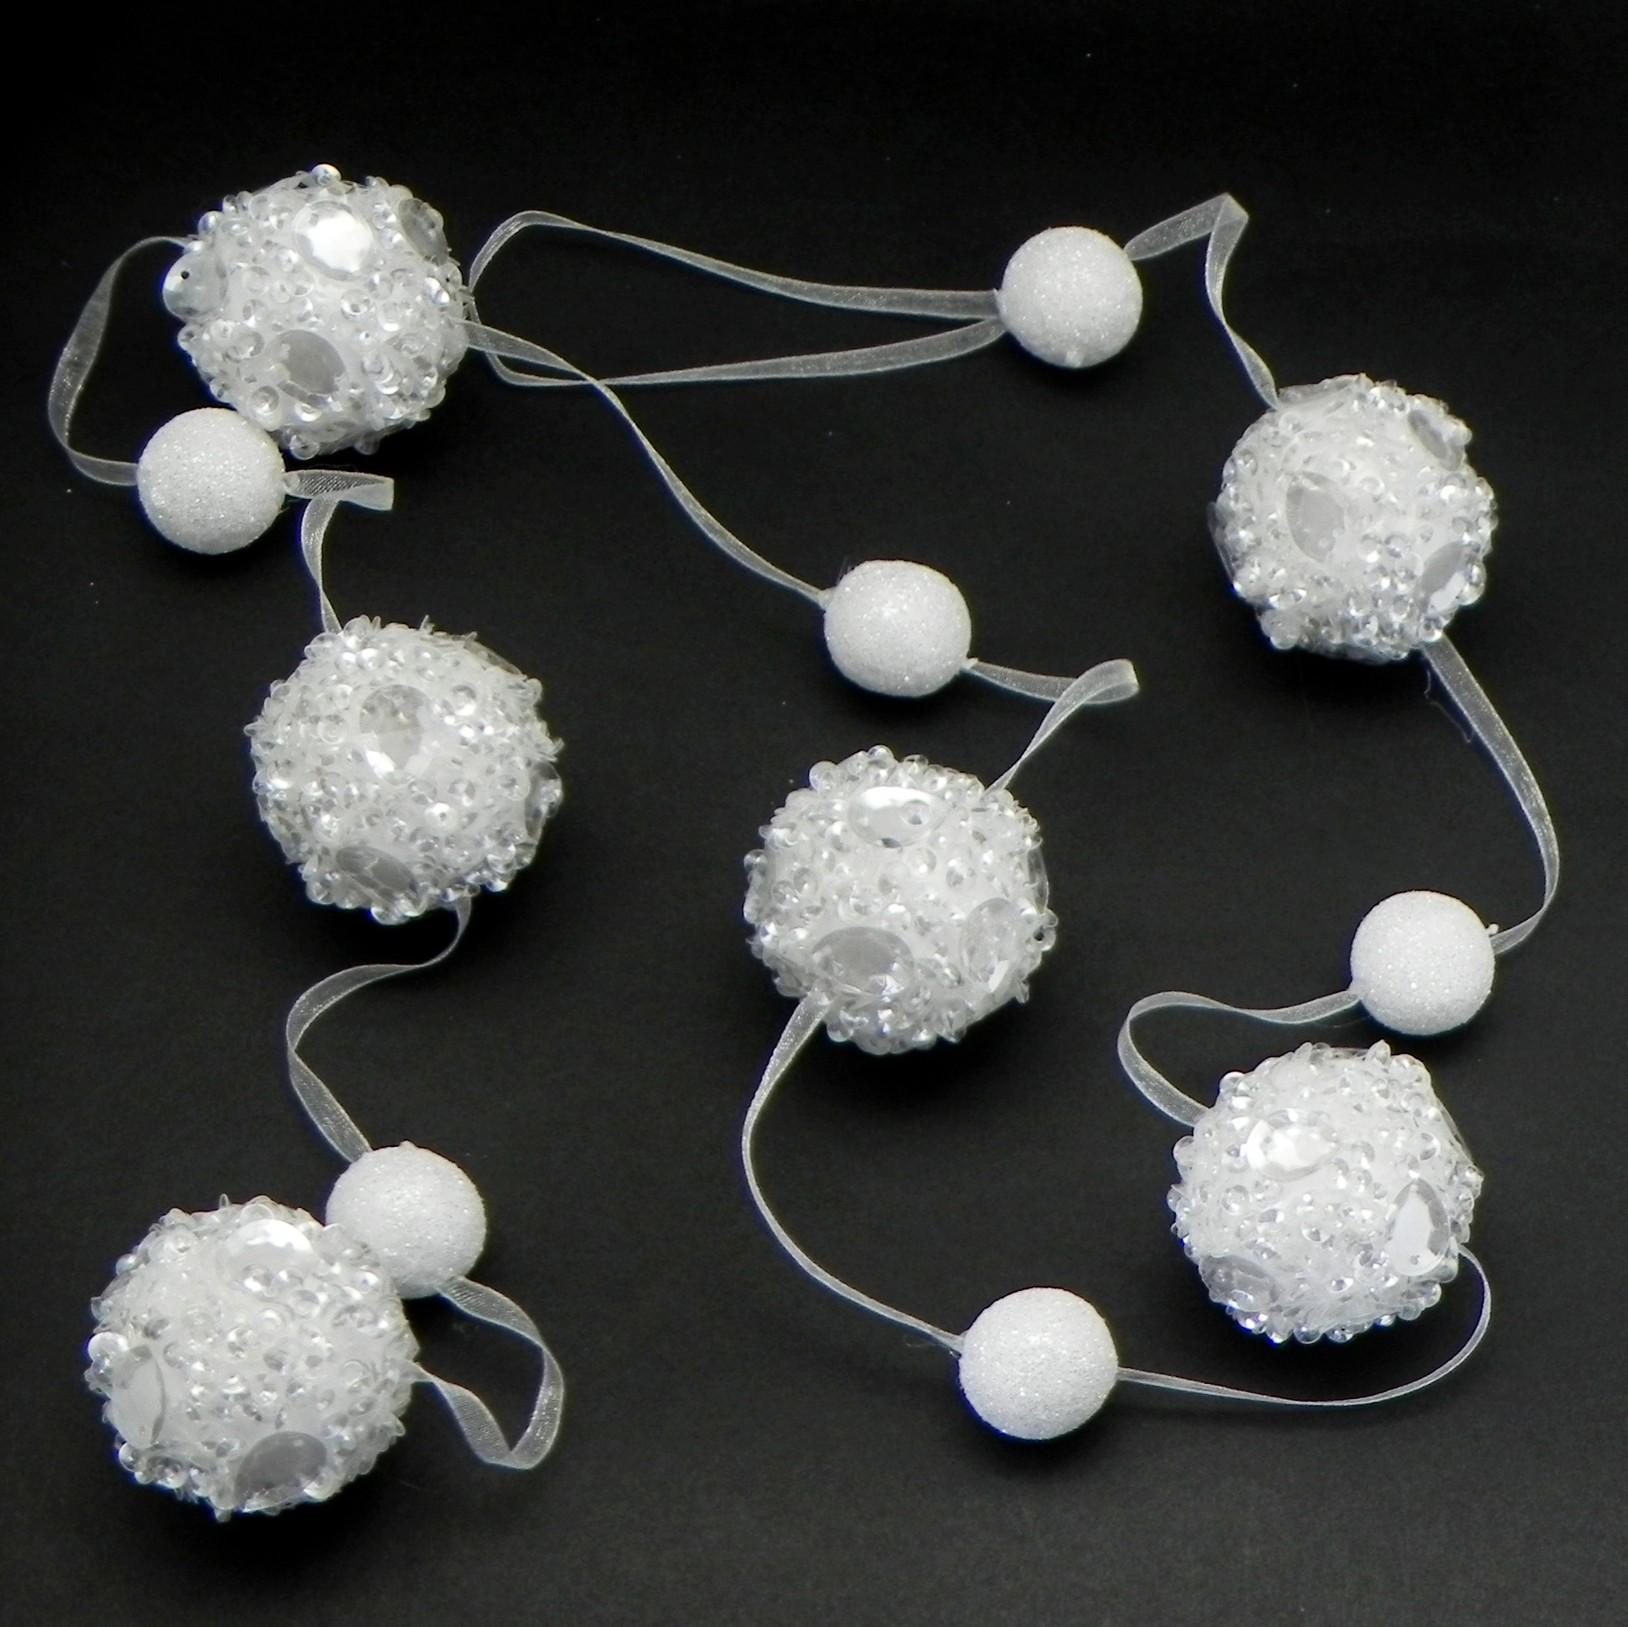 Girlanda koule polystyrén 120cm